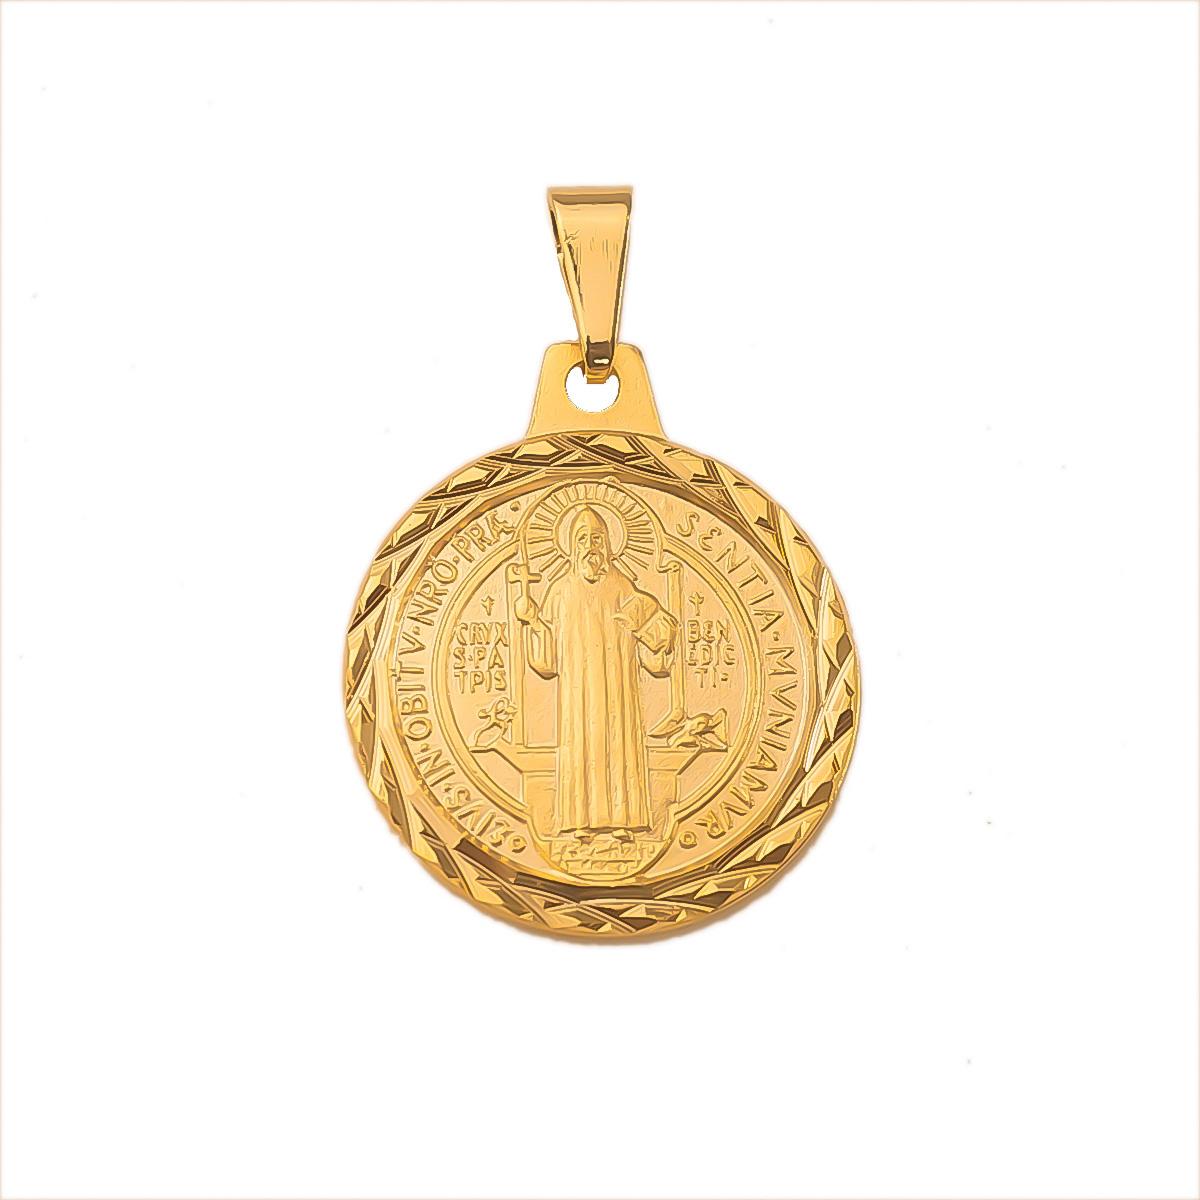 Pingente São Bento Com Borda Diamantada Folheado Em Ouro